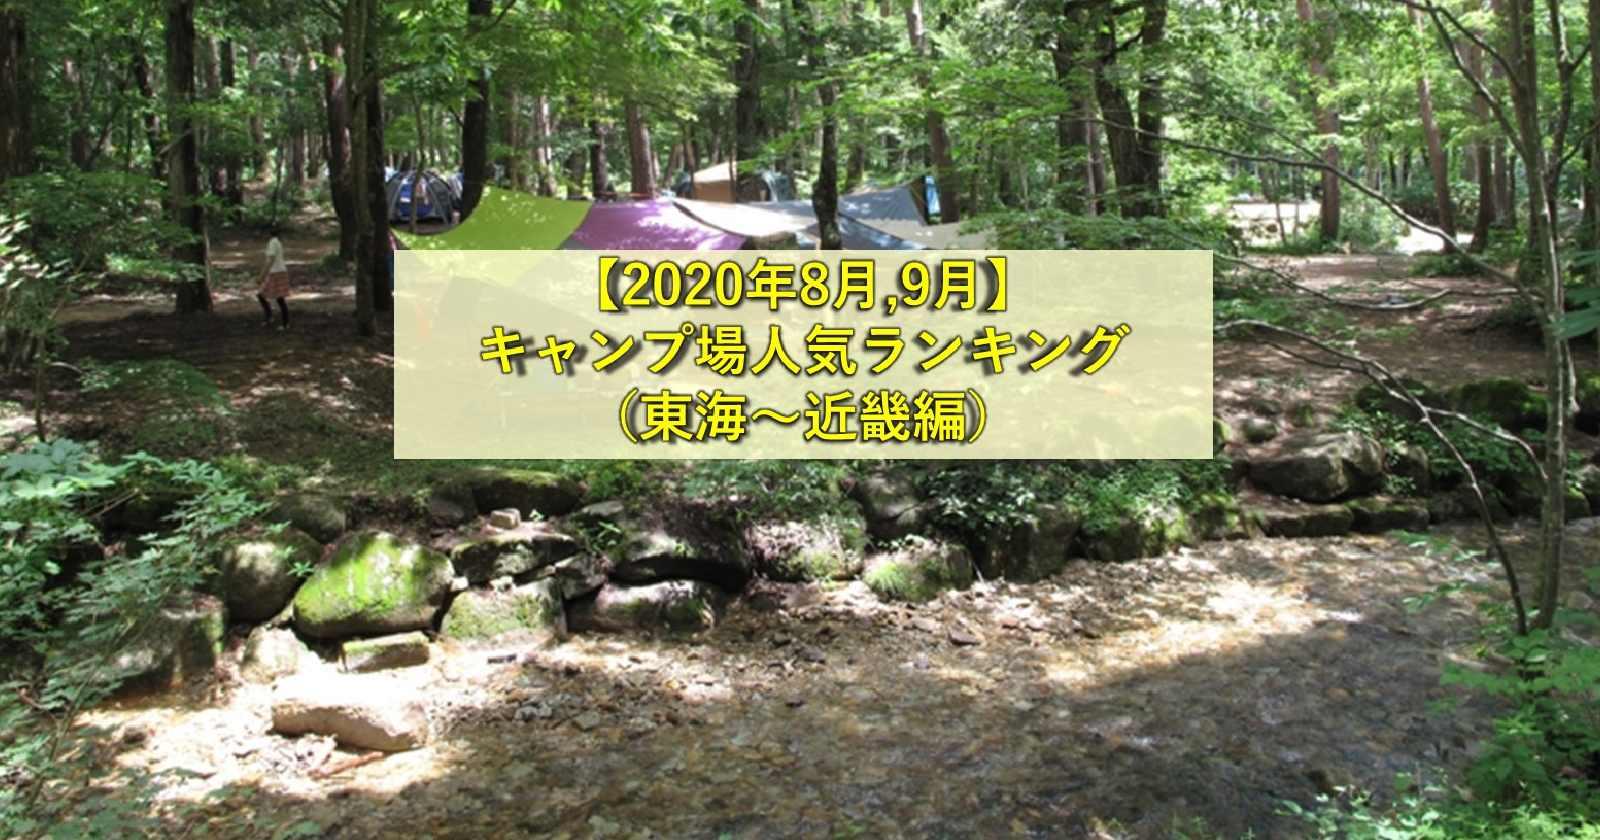 【2020年8月、9月キャンプ場人気ランキング】Yahoo!ユーザーが検索したキャンプ場をご紹介!(東海~近畿編)